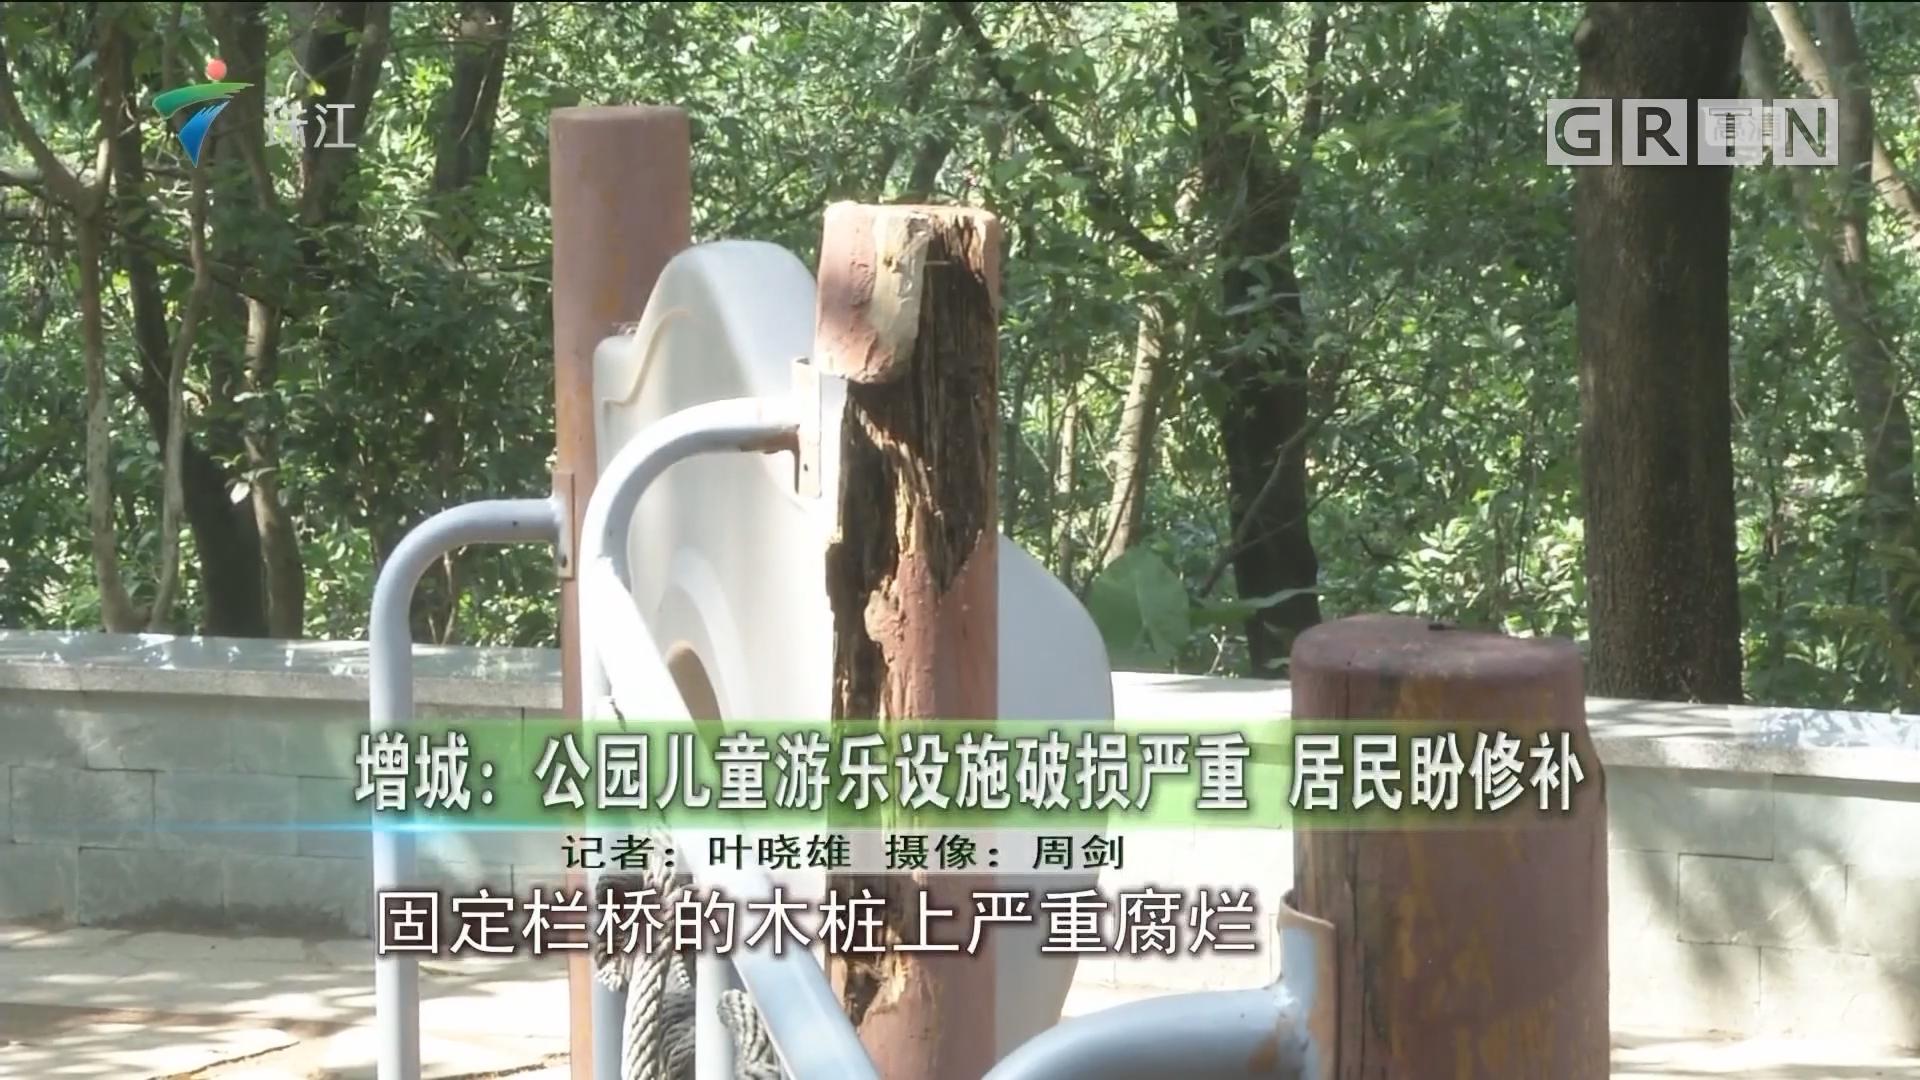 增城:公园儿童游乐设施破损严重 居民盼修补